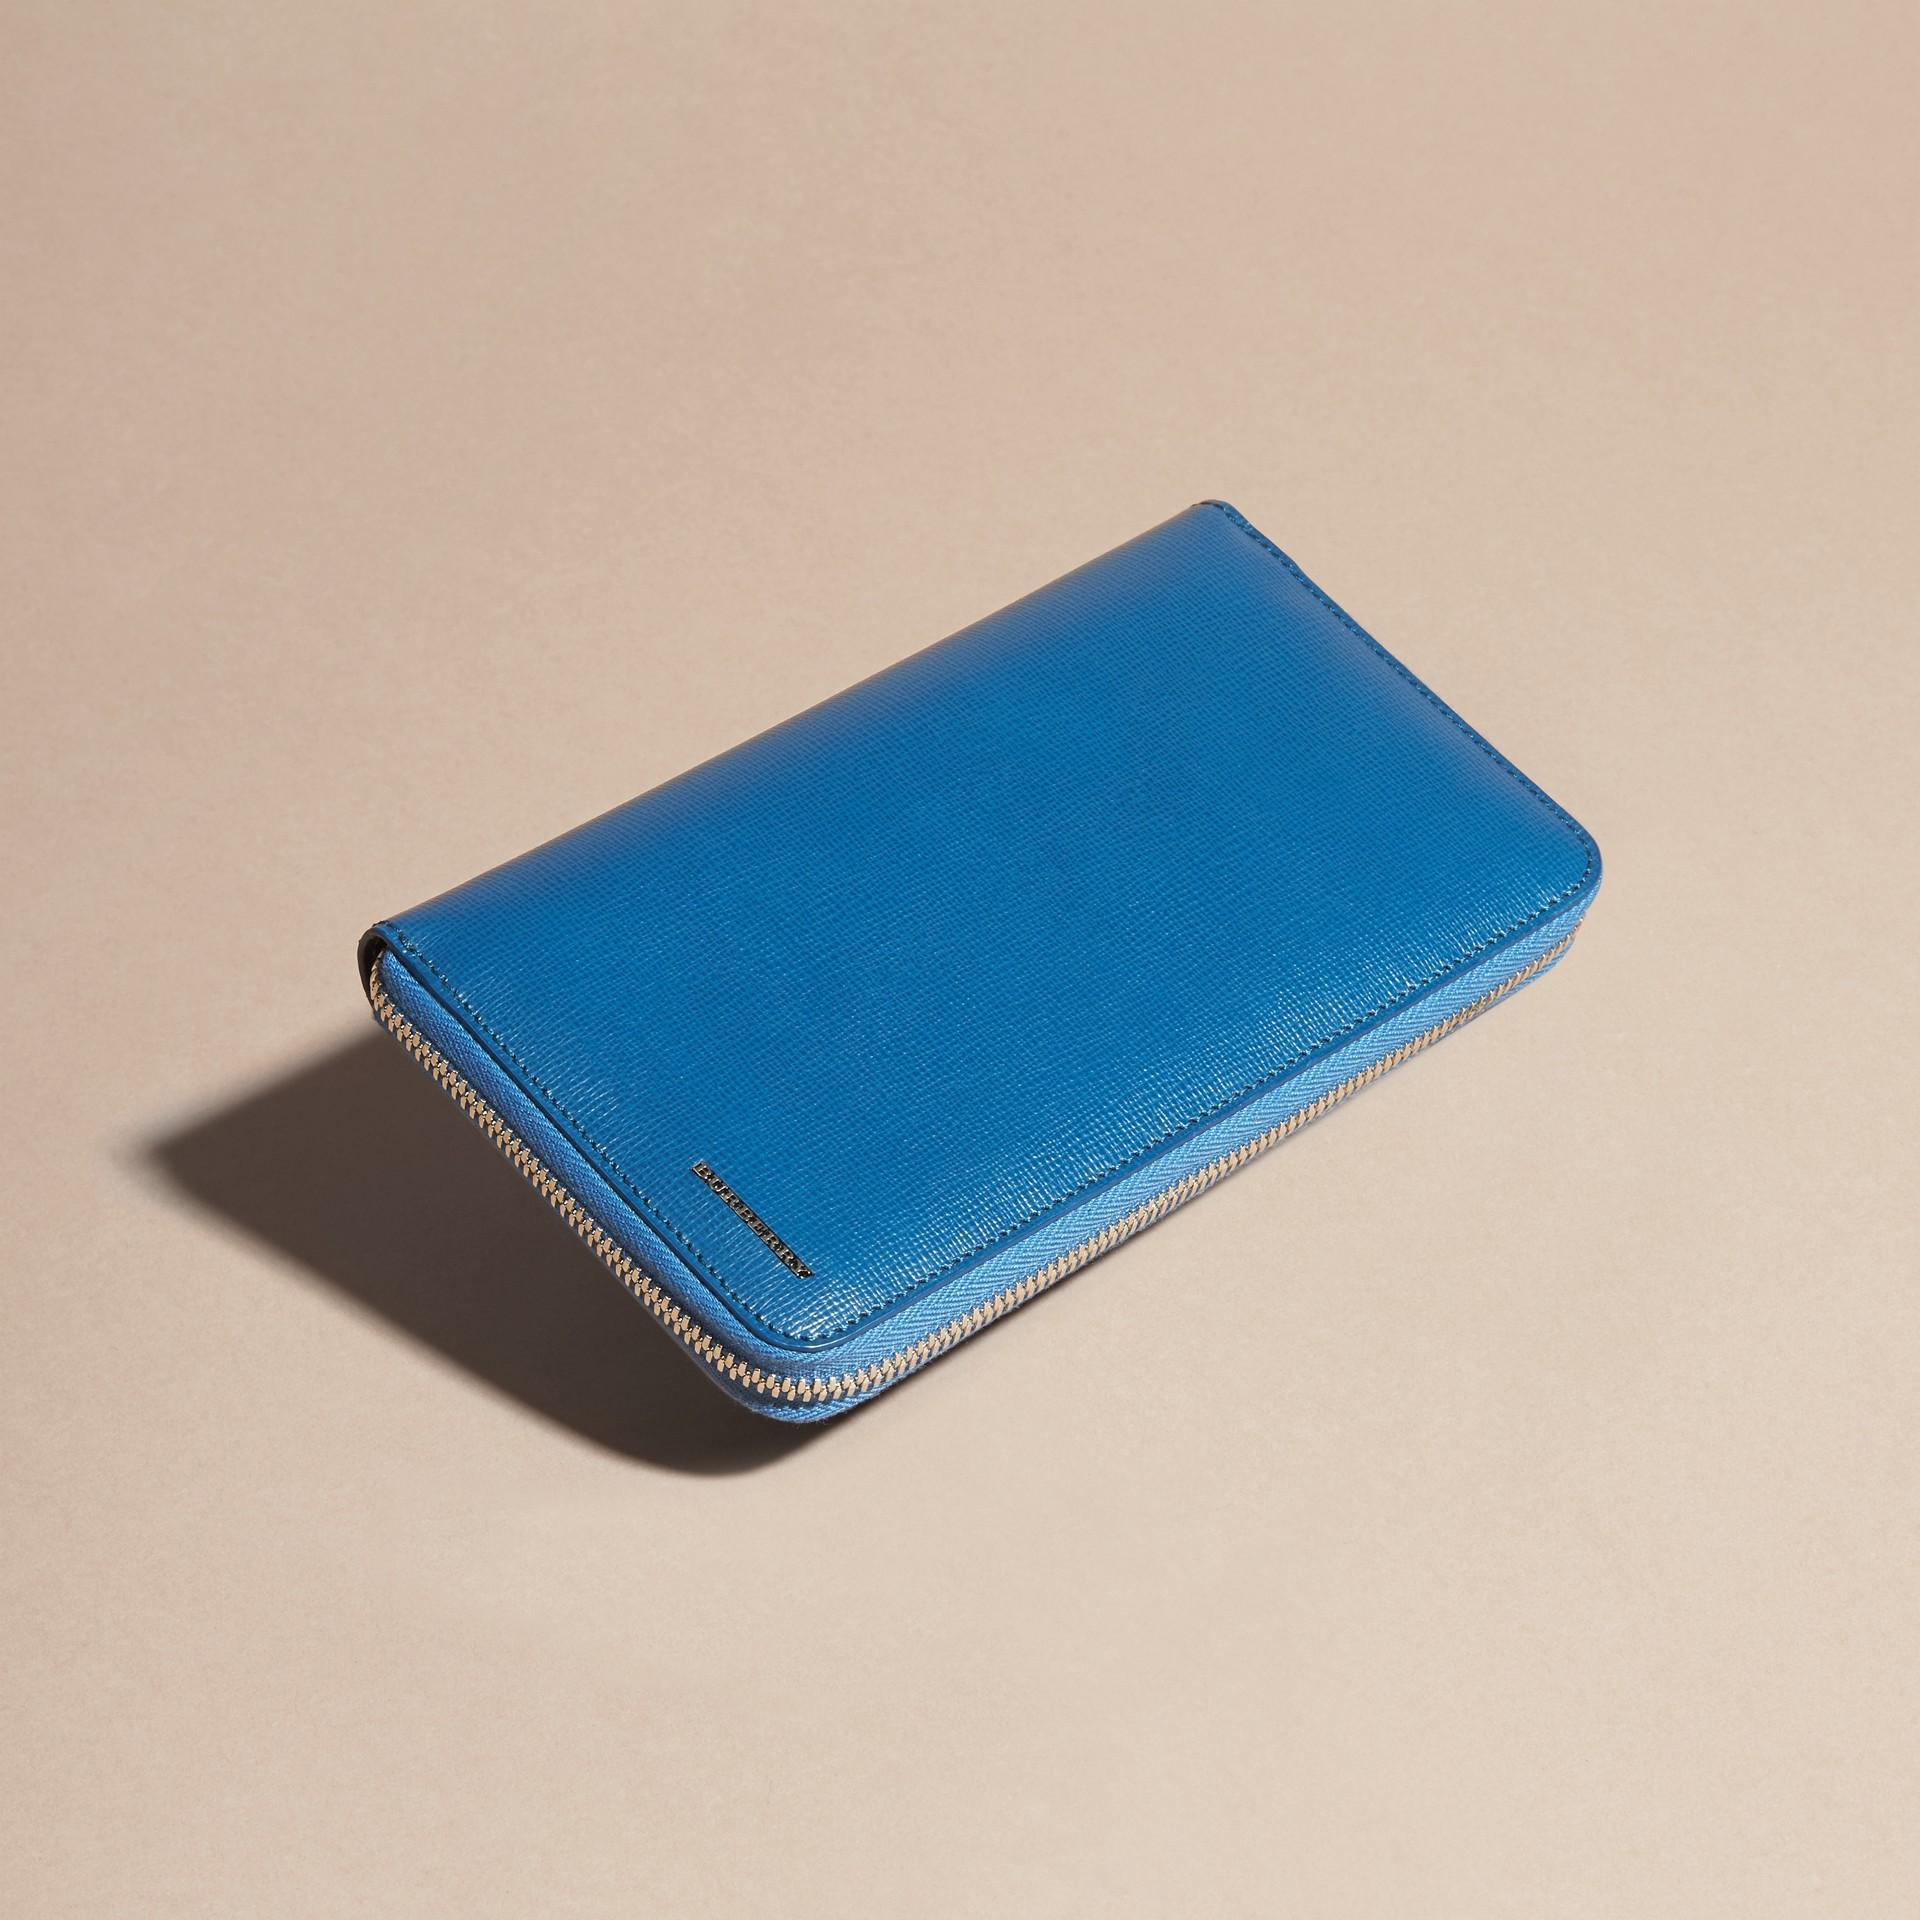 Bleu minéral Portefeuille zippé en cuir London - photo de la galerie 4